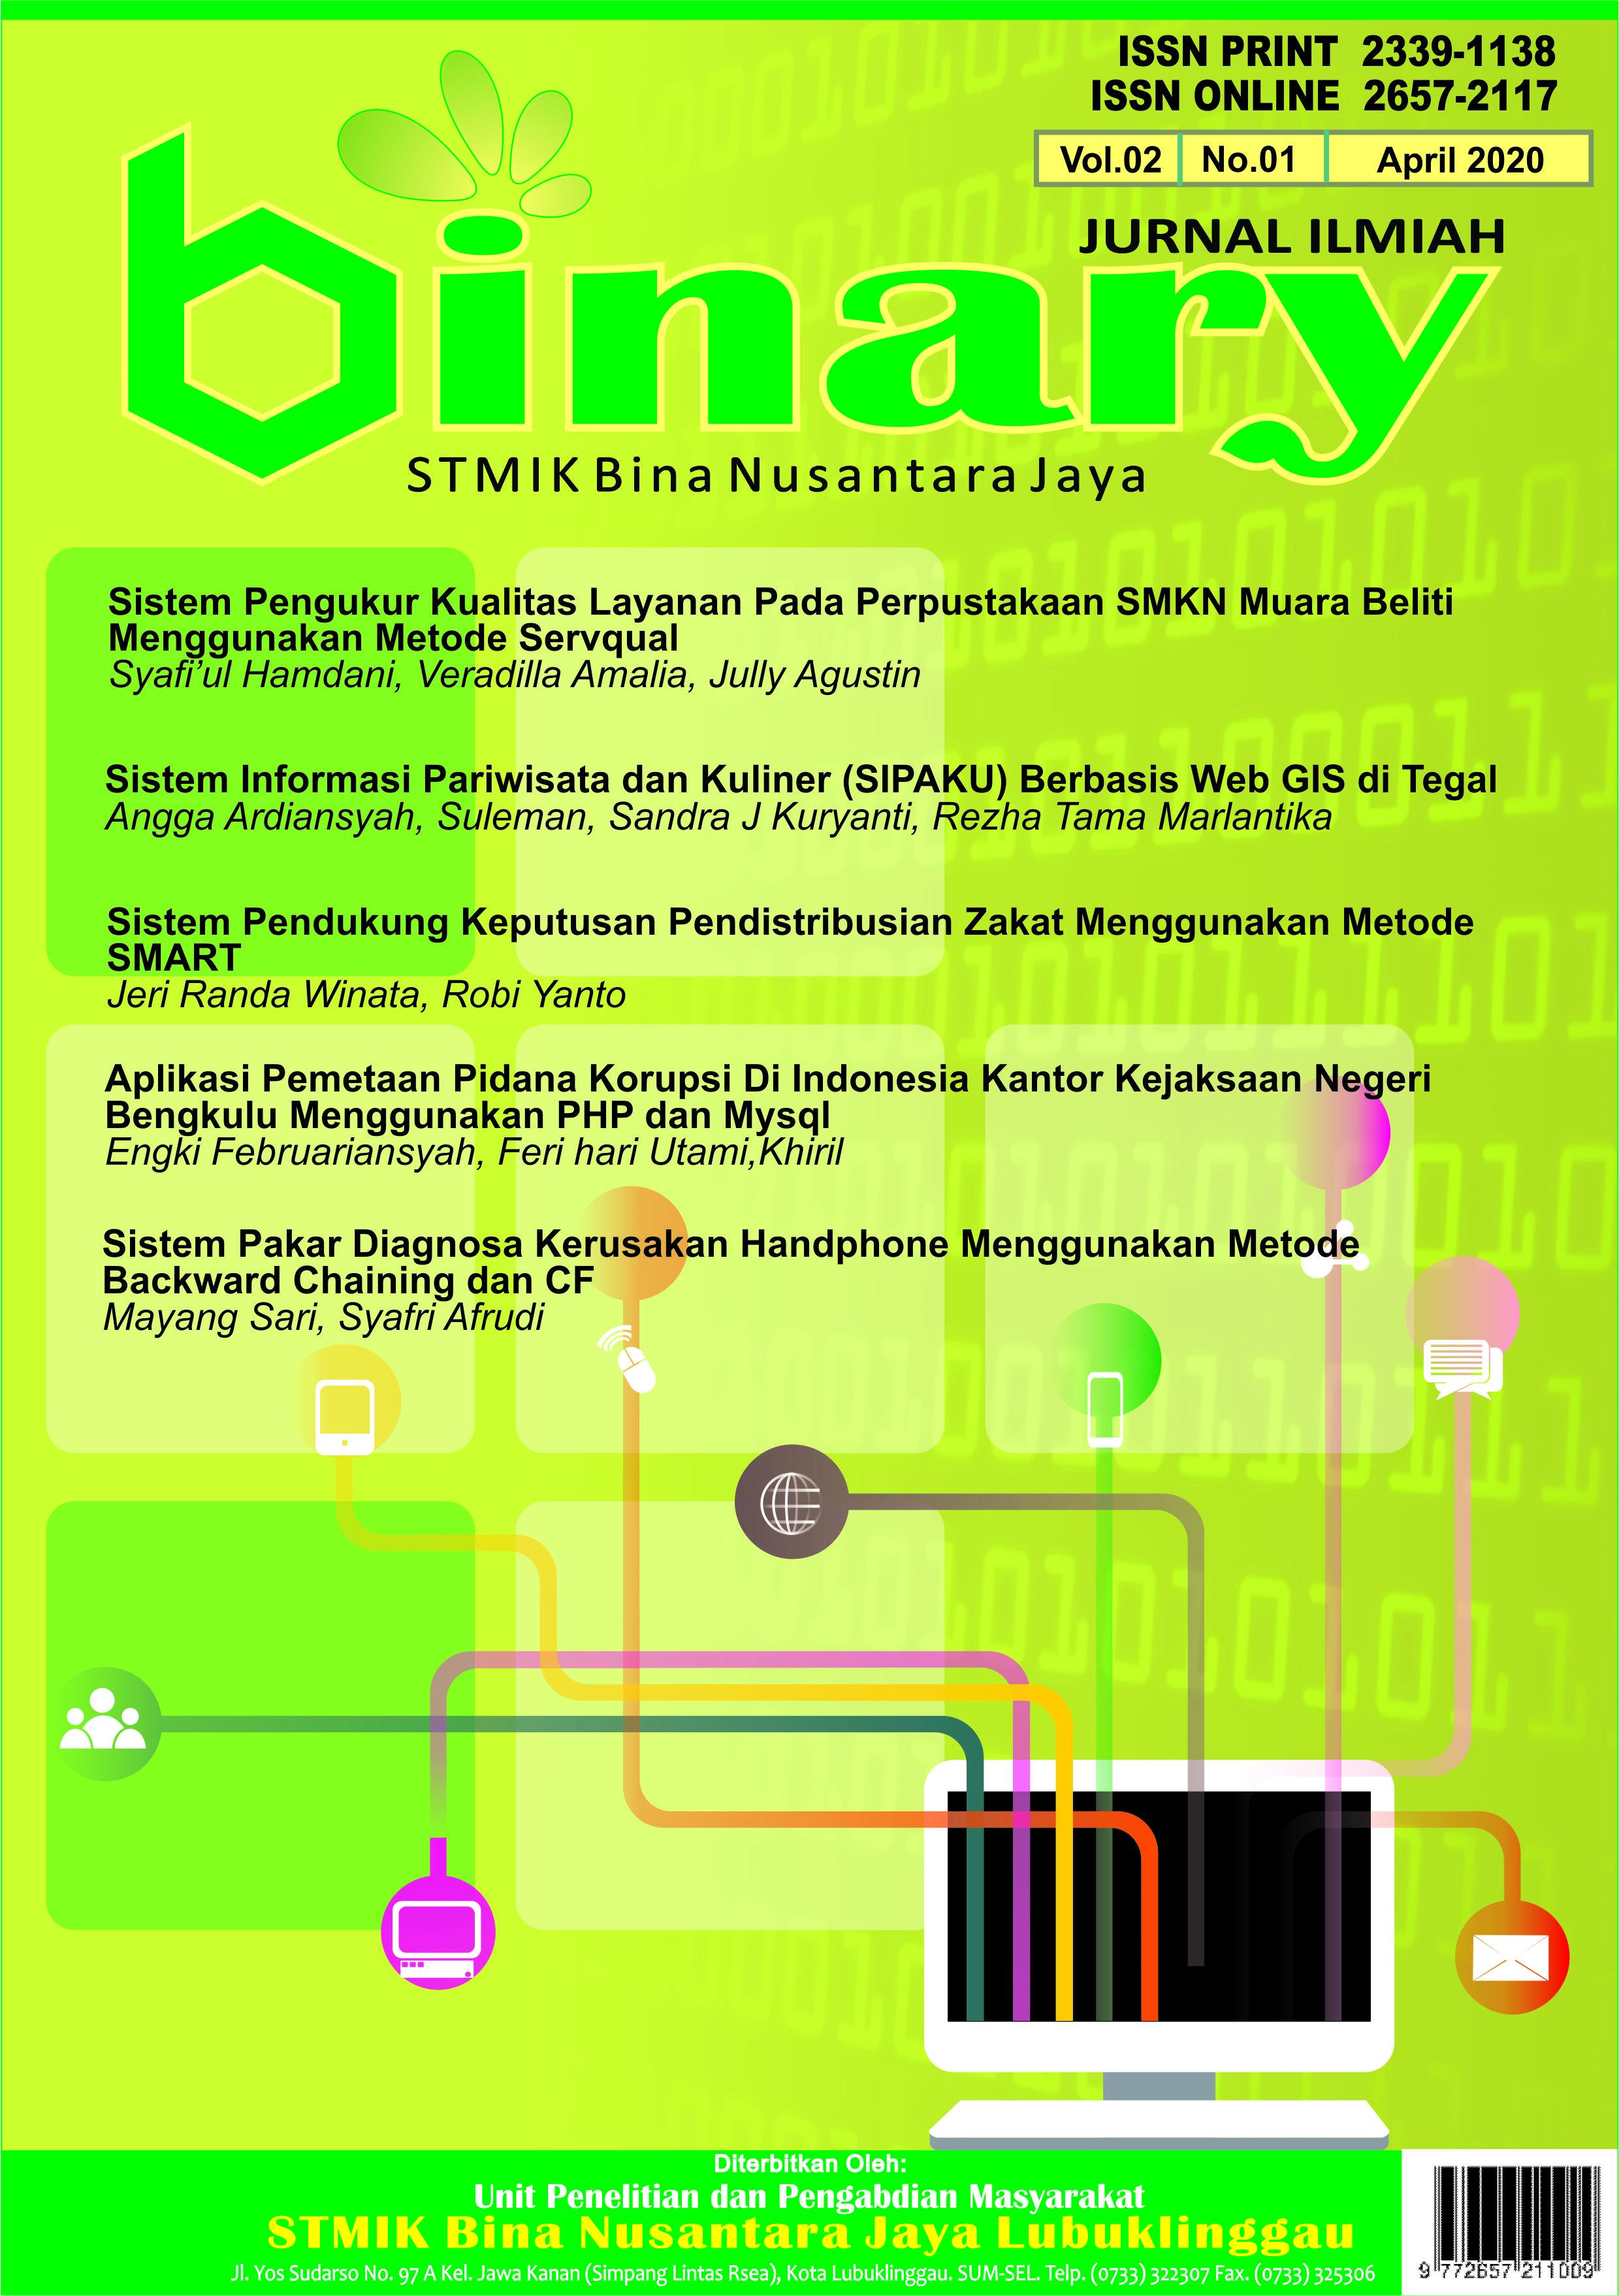 Jurnal Ilmiah Binary Stmik Bina Nusantara Jaya Lubuklinggau